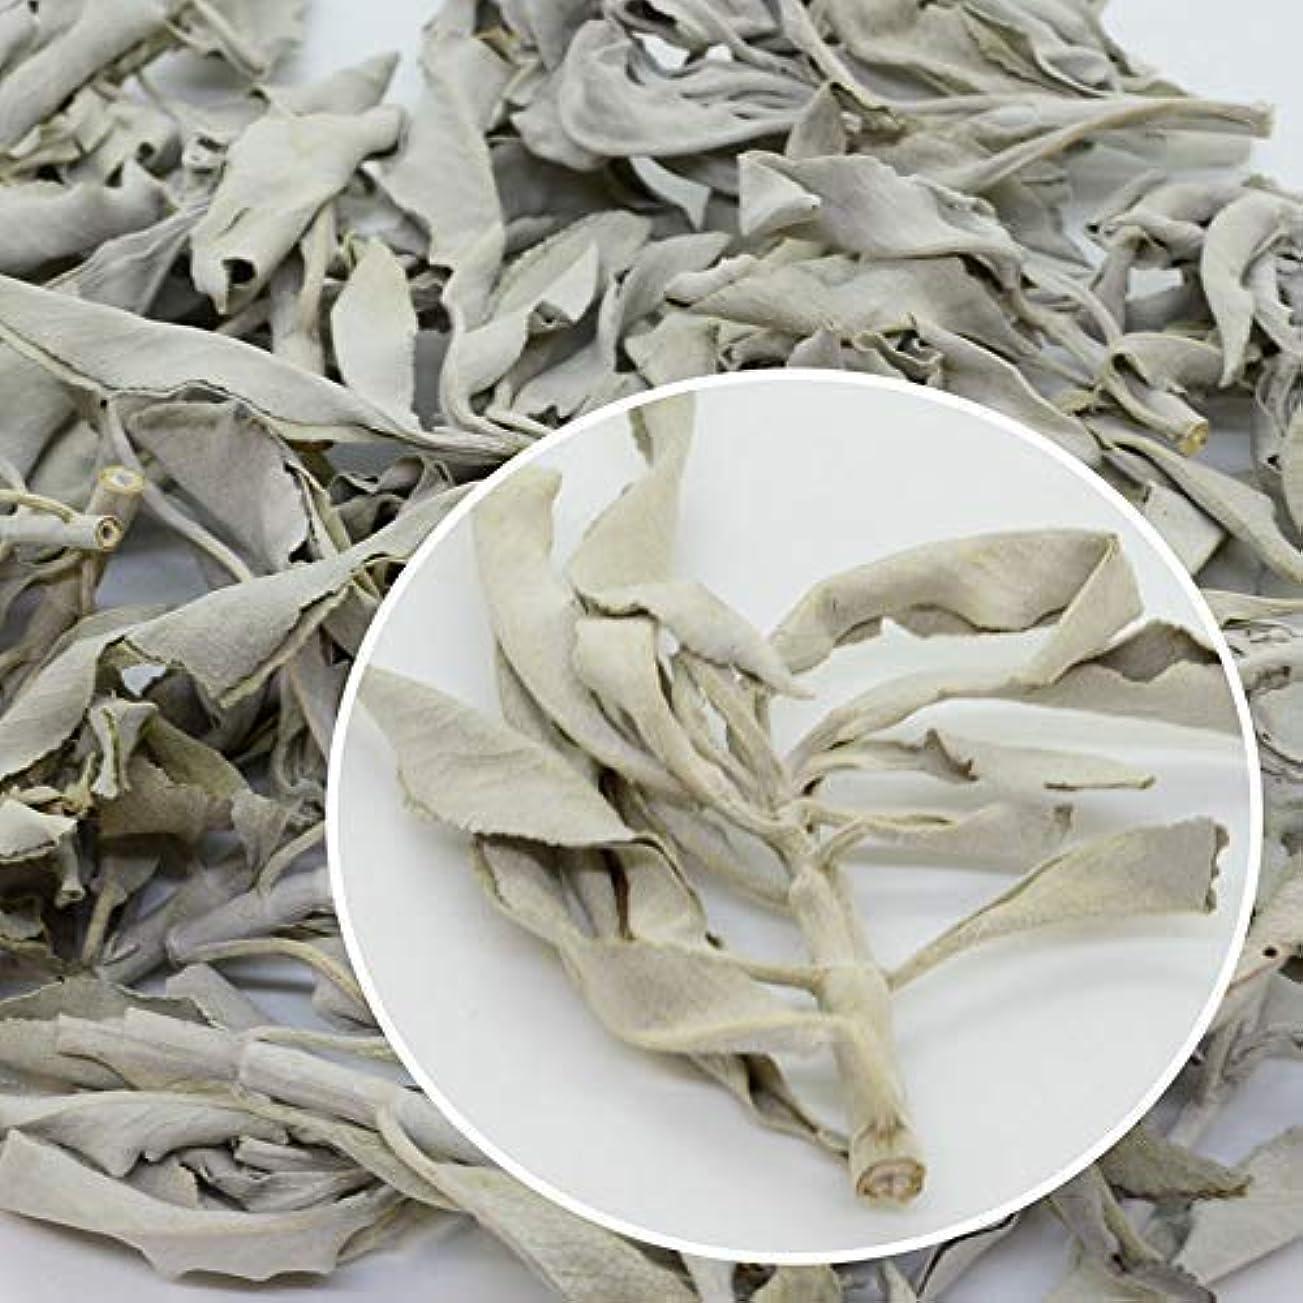 見せます短くする提唱する高品質 無農薬 ホワイトセージ クラスター (枝付き) 10gカリフォルニア産 浄化用 お香に